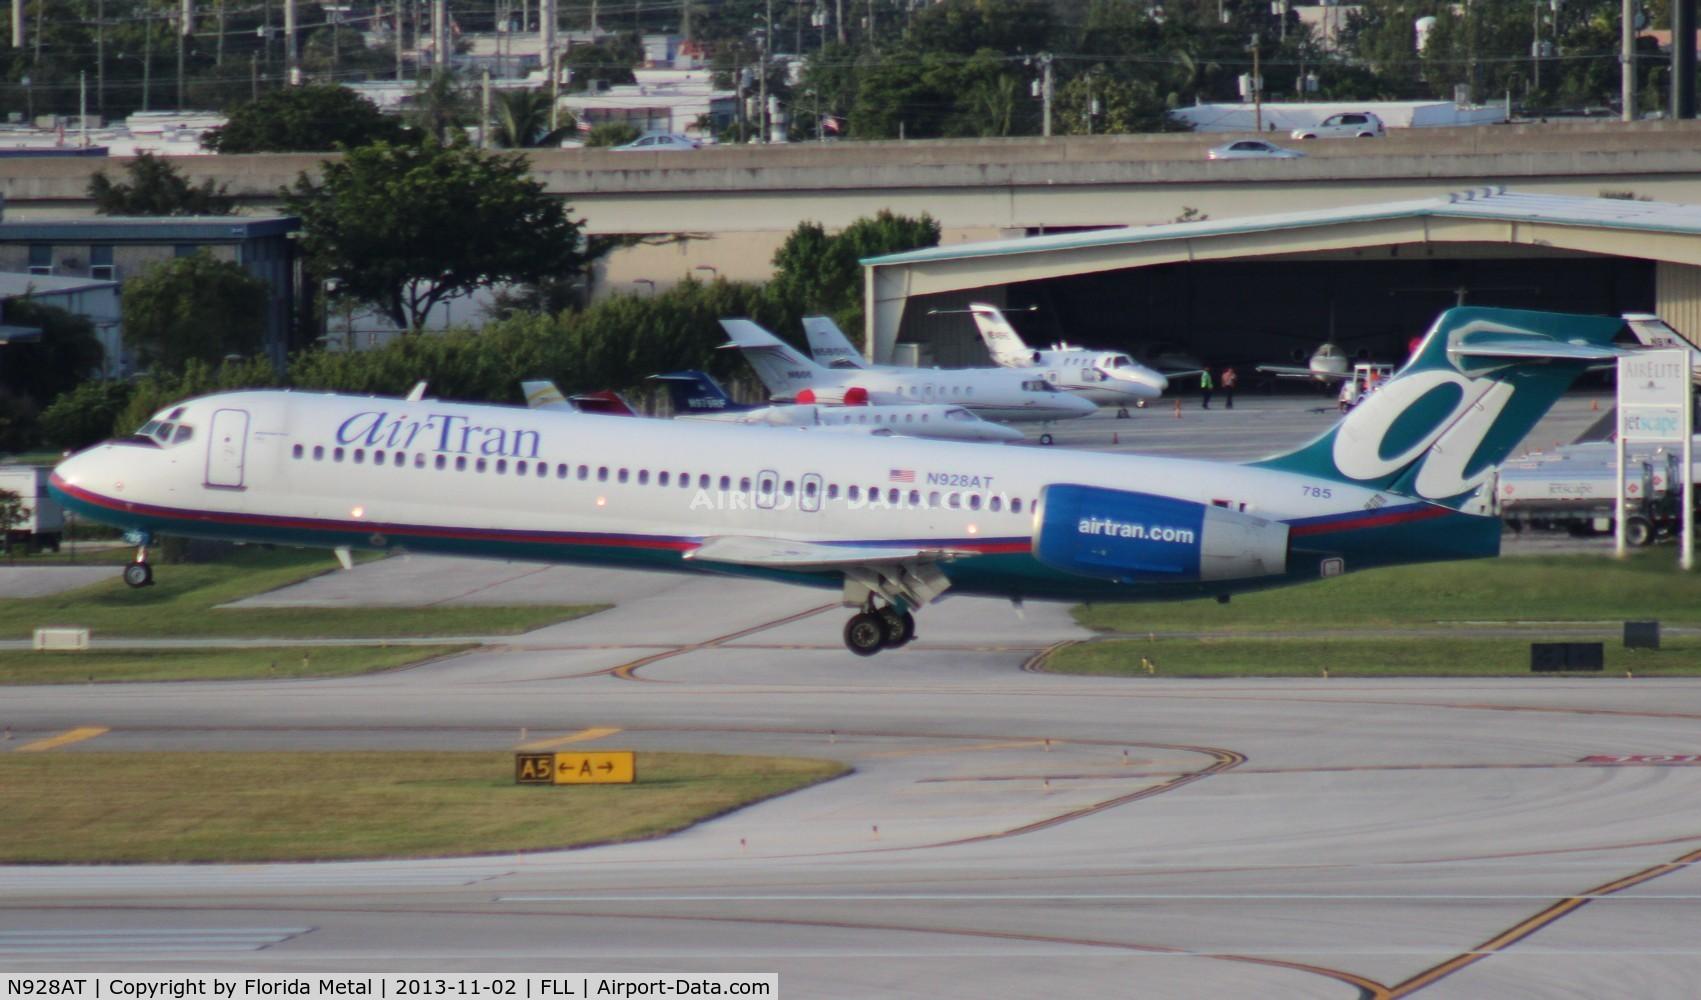 N928AT, 2000 Boeing 717-200 C/N 55076, Air Tran 717